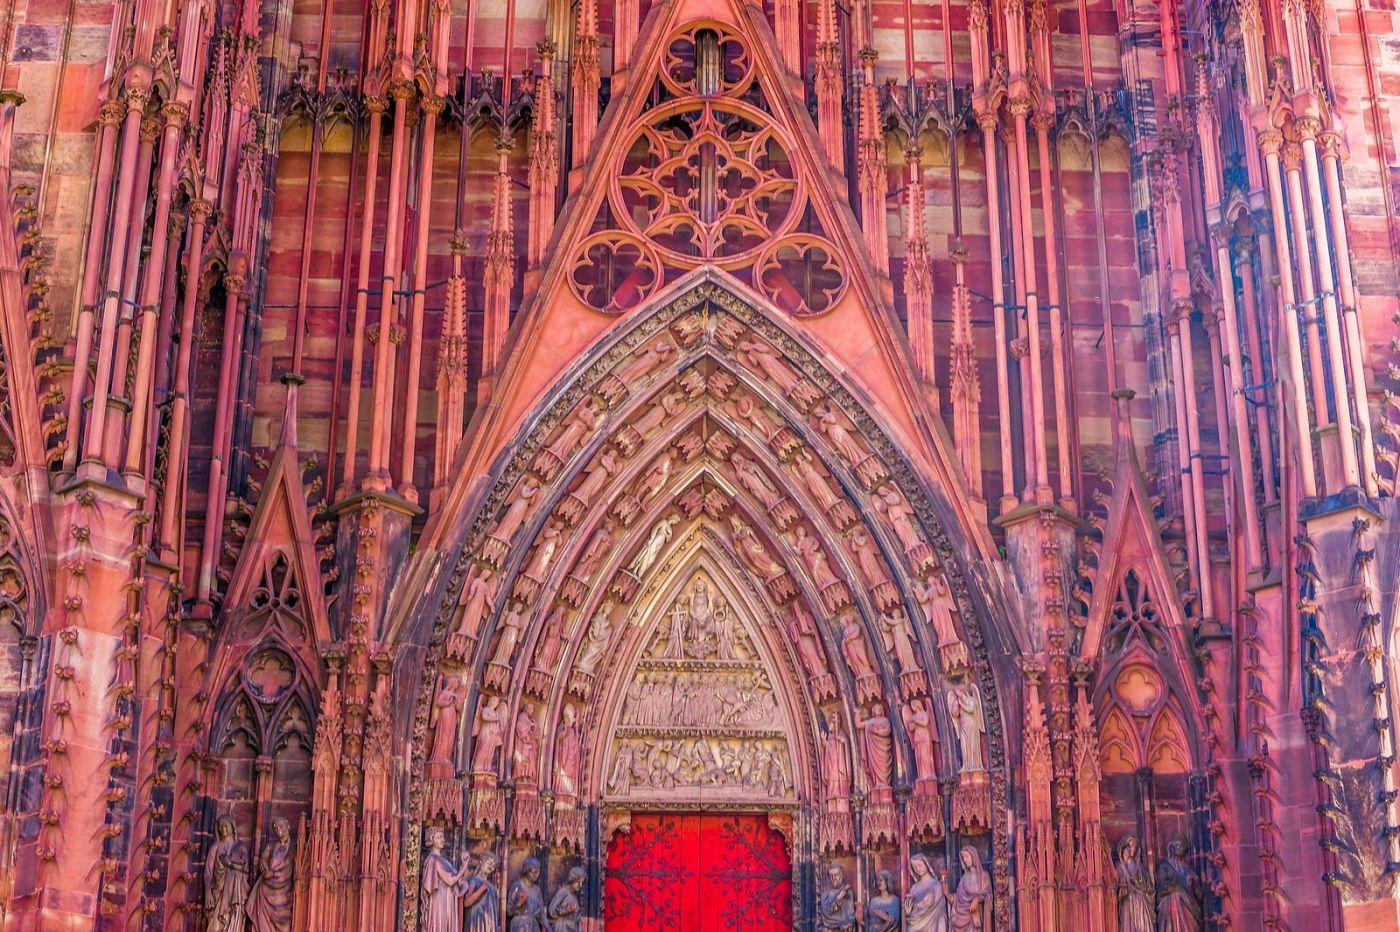 法国斯特拉斯堡(Strasbourg),八百年的主教堂_图1-15